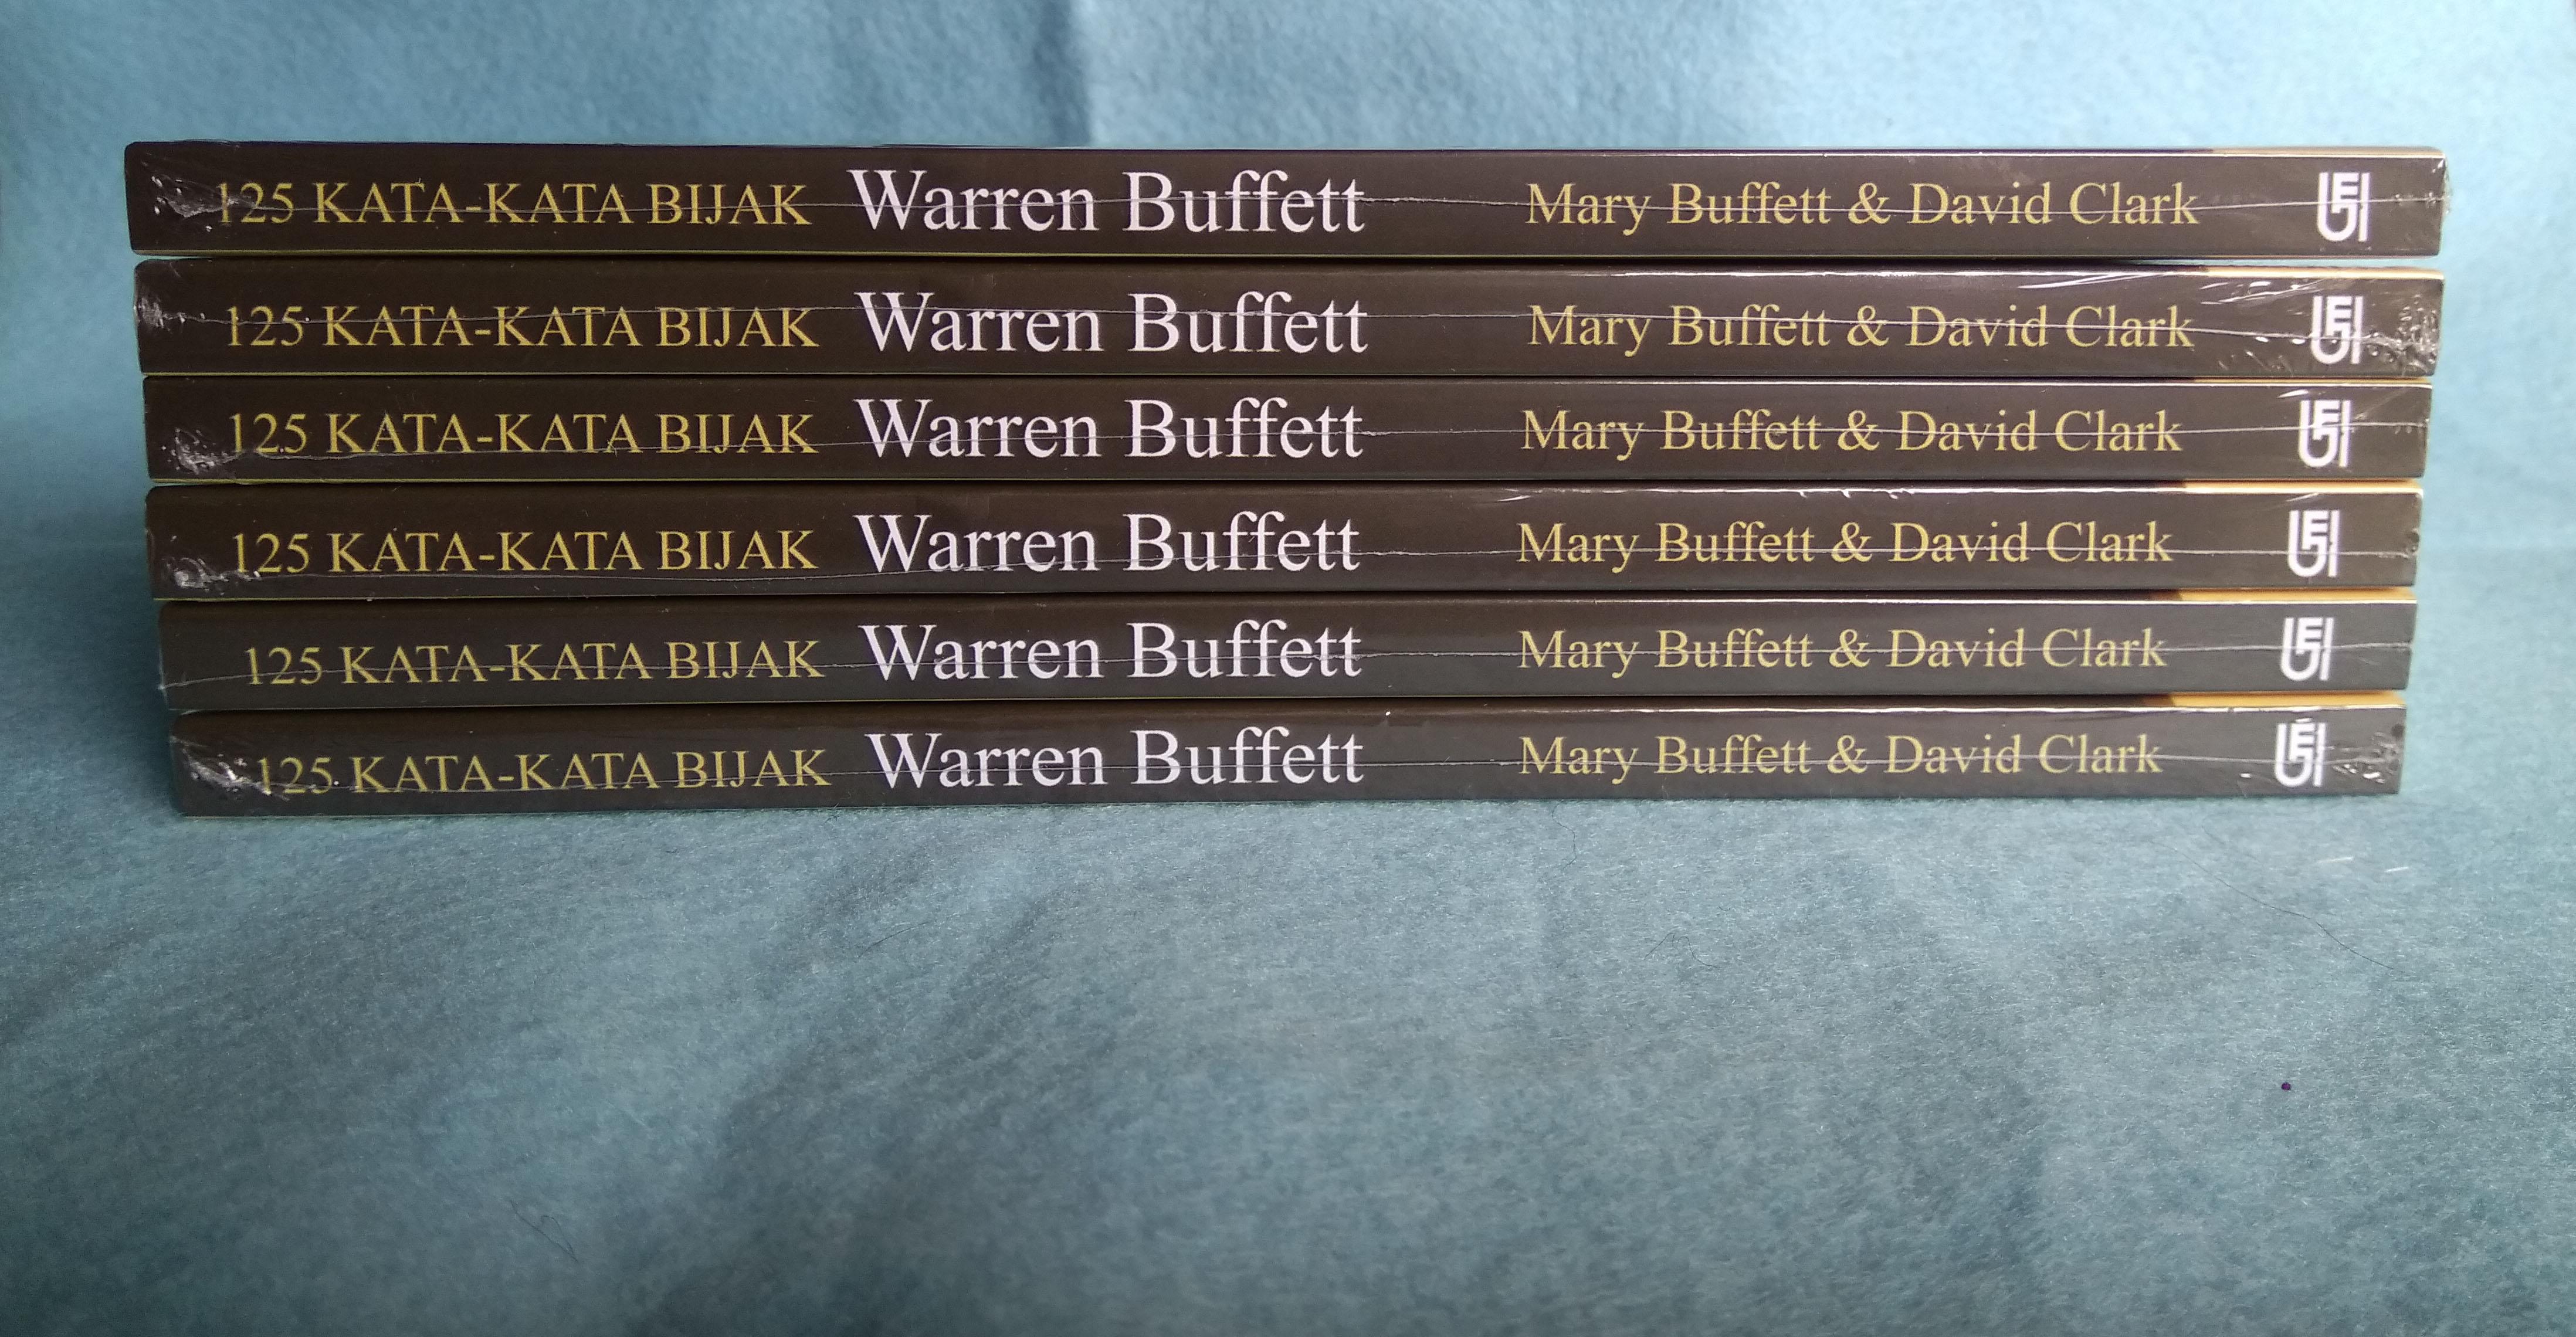 125 Kata Kata Bijak Warren Buffett Untuk Menjadi Kaya Dan Tetap Kaya Mary Buffett David Clark Lazada Indonesia